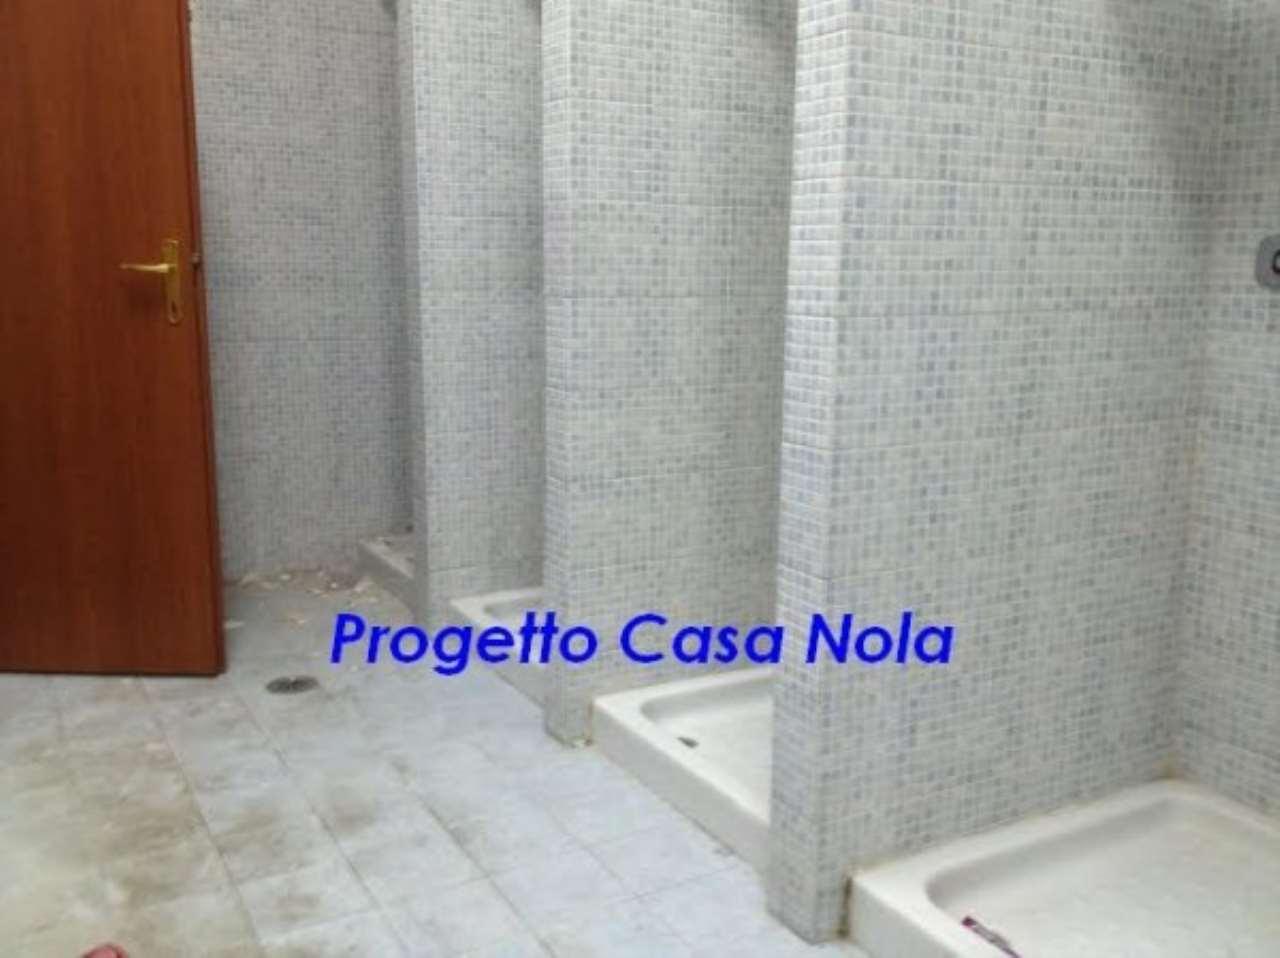 Nola Affitto NEGOZI Immagine 3